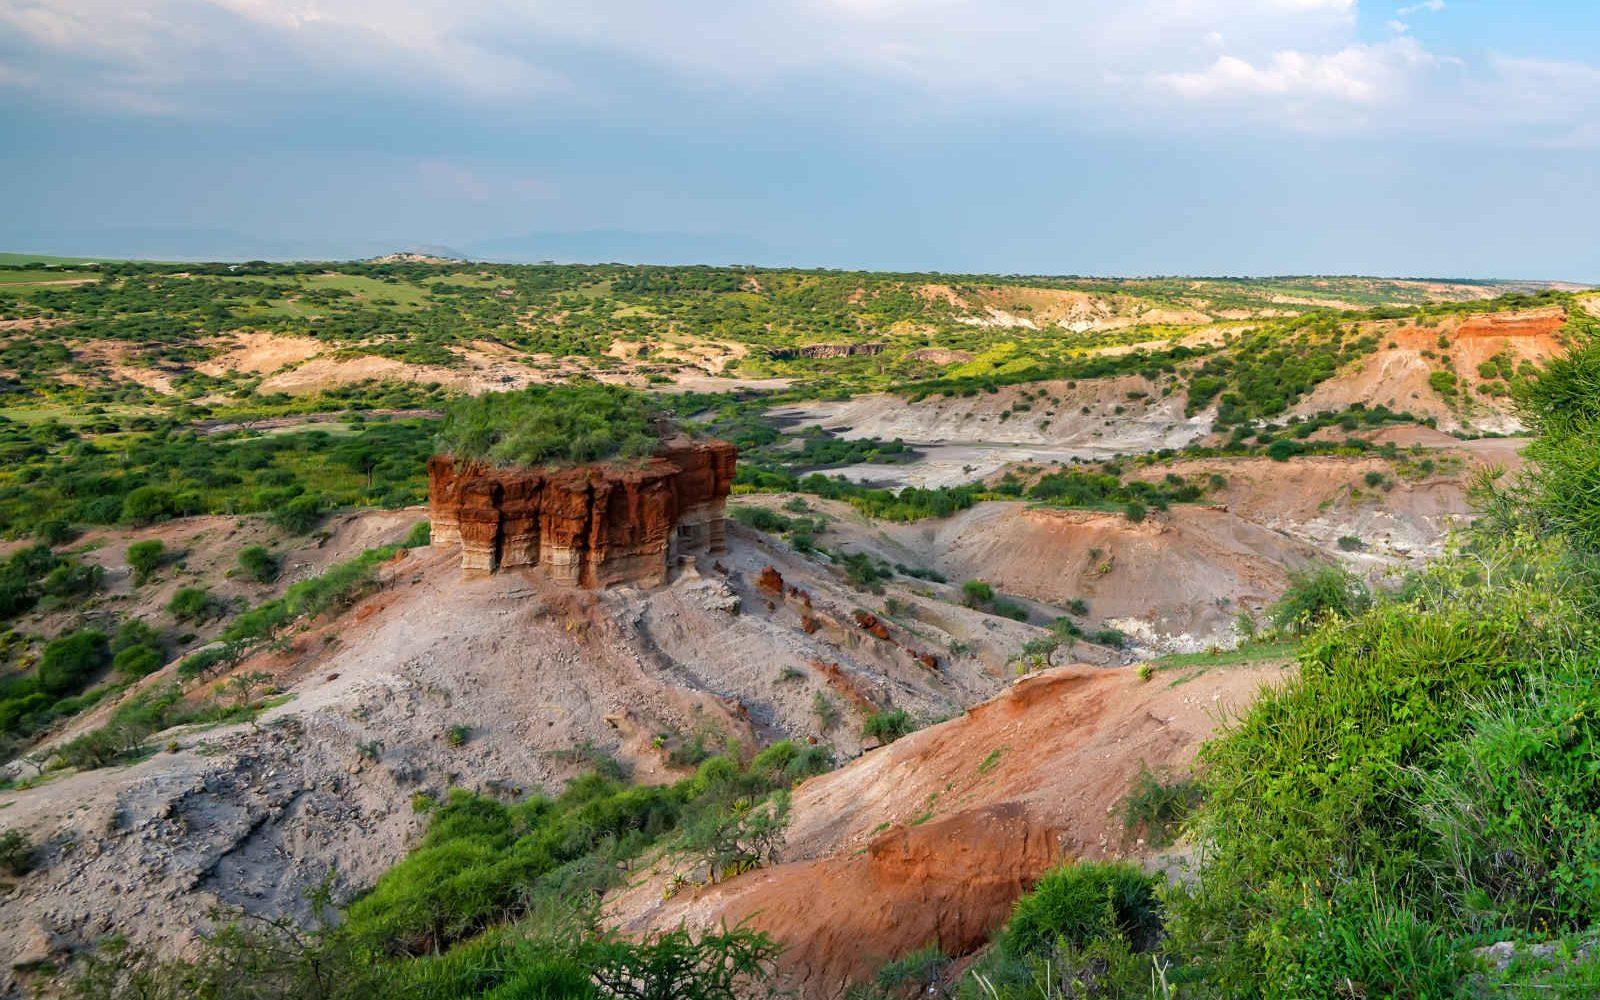 Gorges d'Olduvai, Réserve de Serengeti, Tanzanie